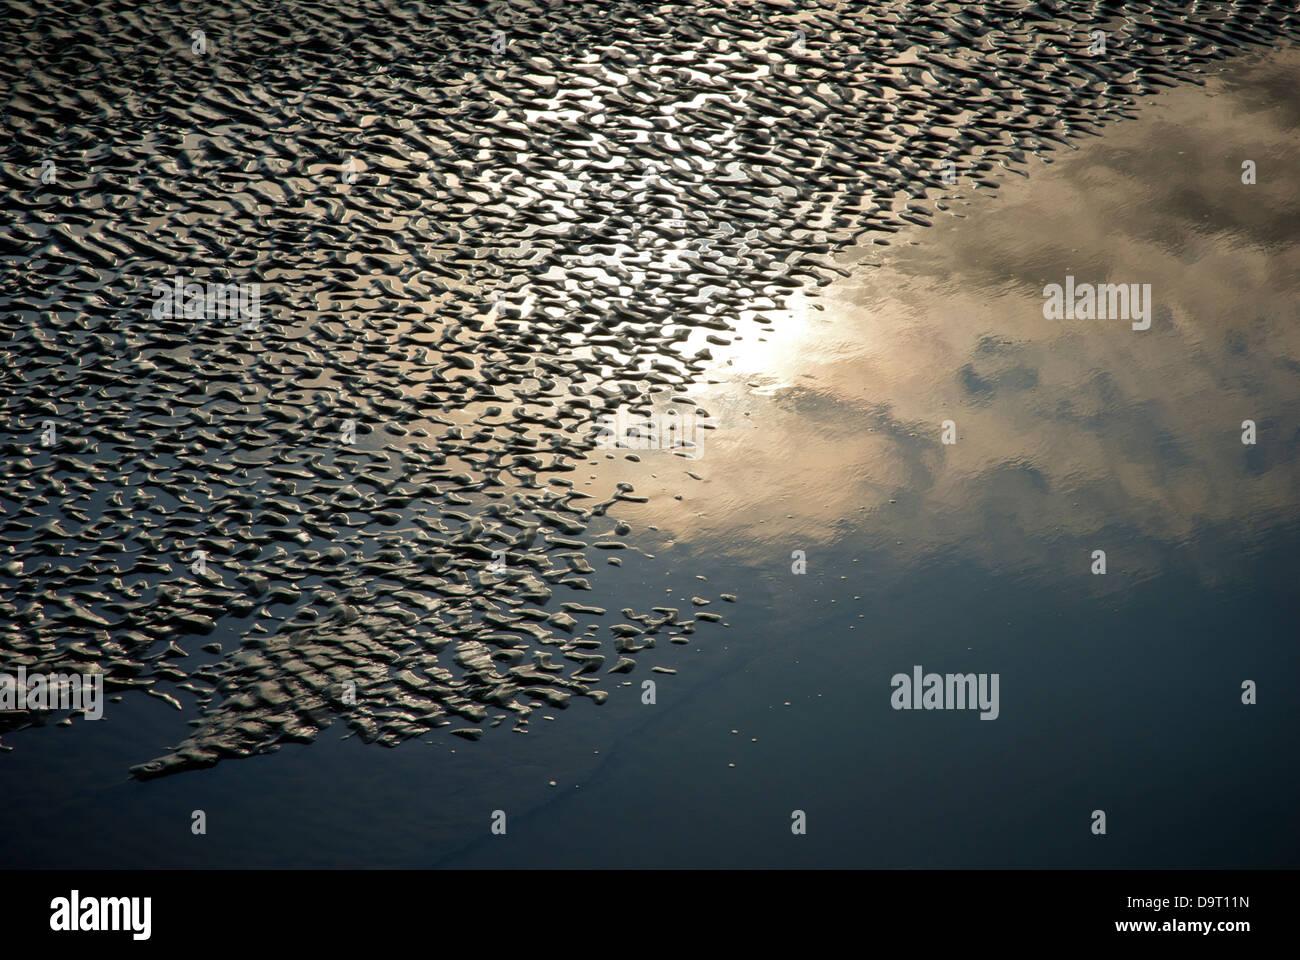 Puesta de sol reflejados en los patrones en una playa fangosa, Morecambe Bay, Cumbria, Inglaterra Imagen De Stock